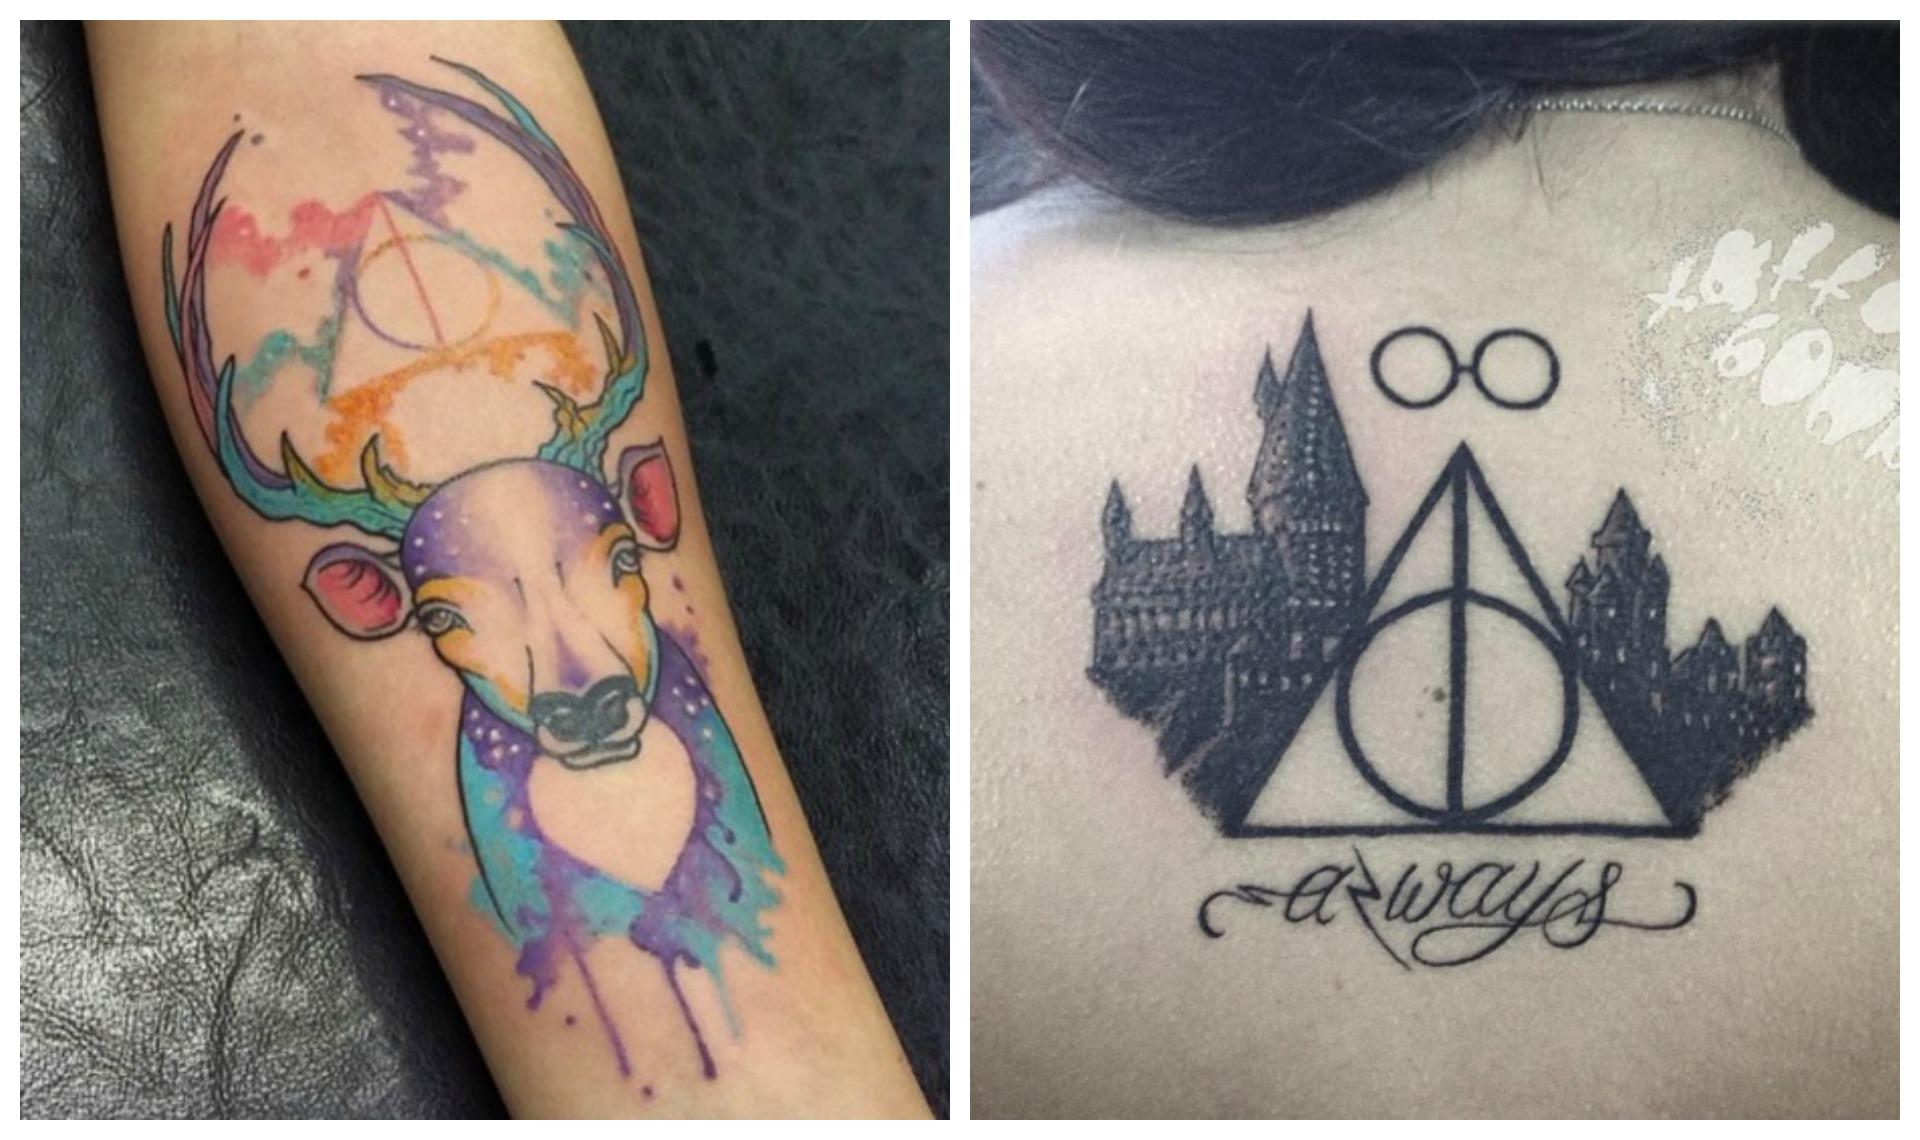 Top 15 des plus chouettes tatouages harry potter trouv s sur instagram a donne des id es topito - Le plus beau tatouage du monde ...